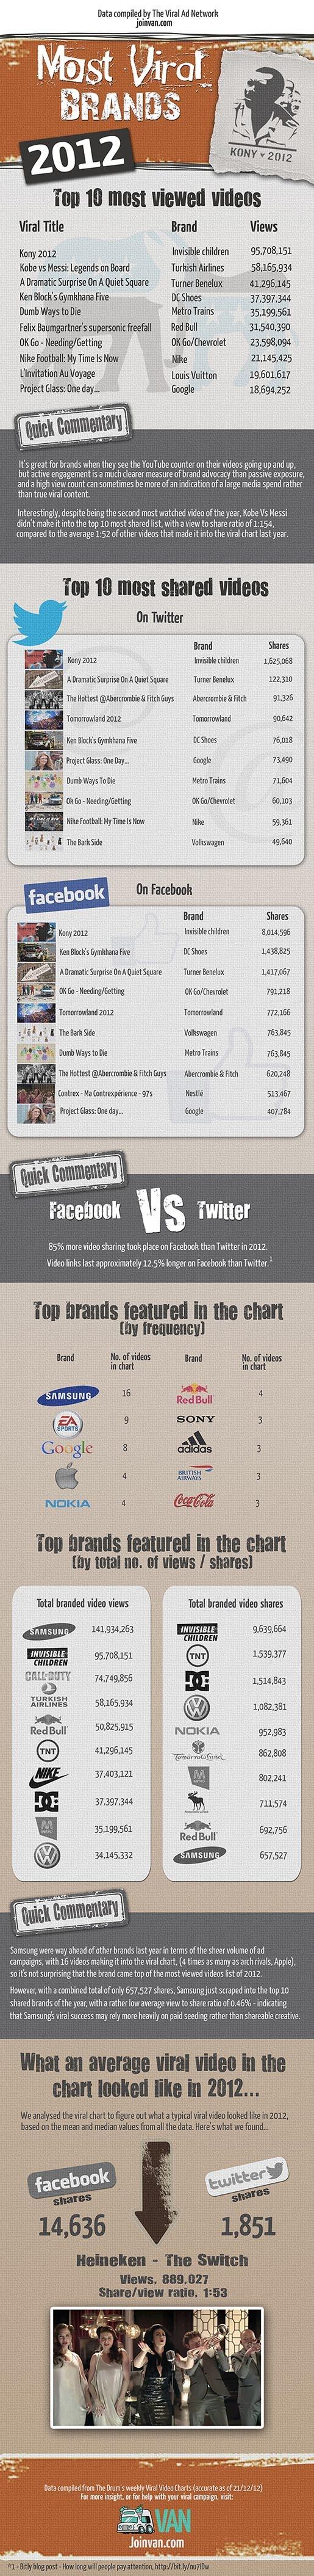 Most #ViralBrands of 2012